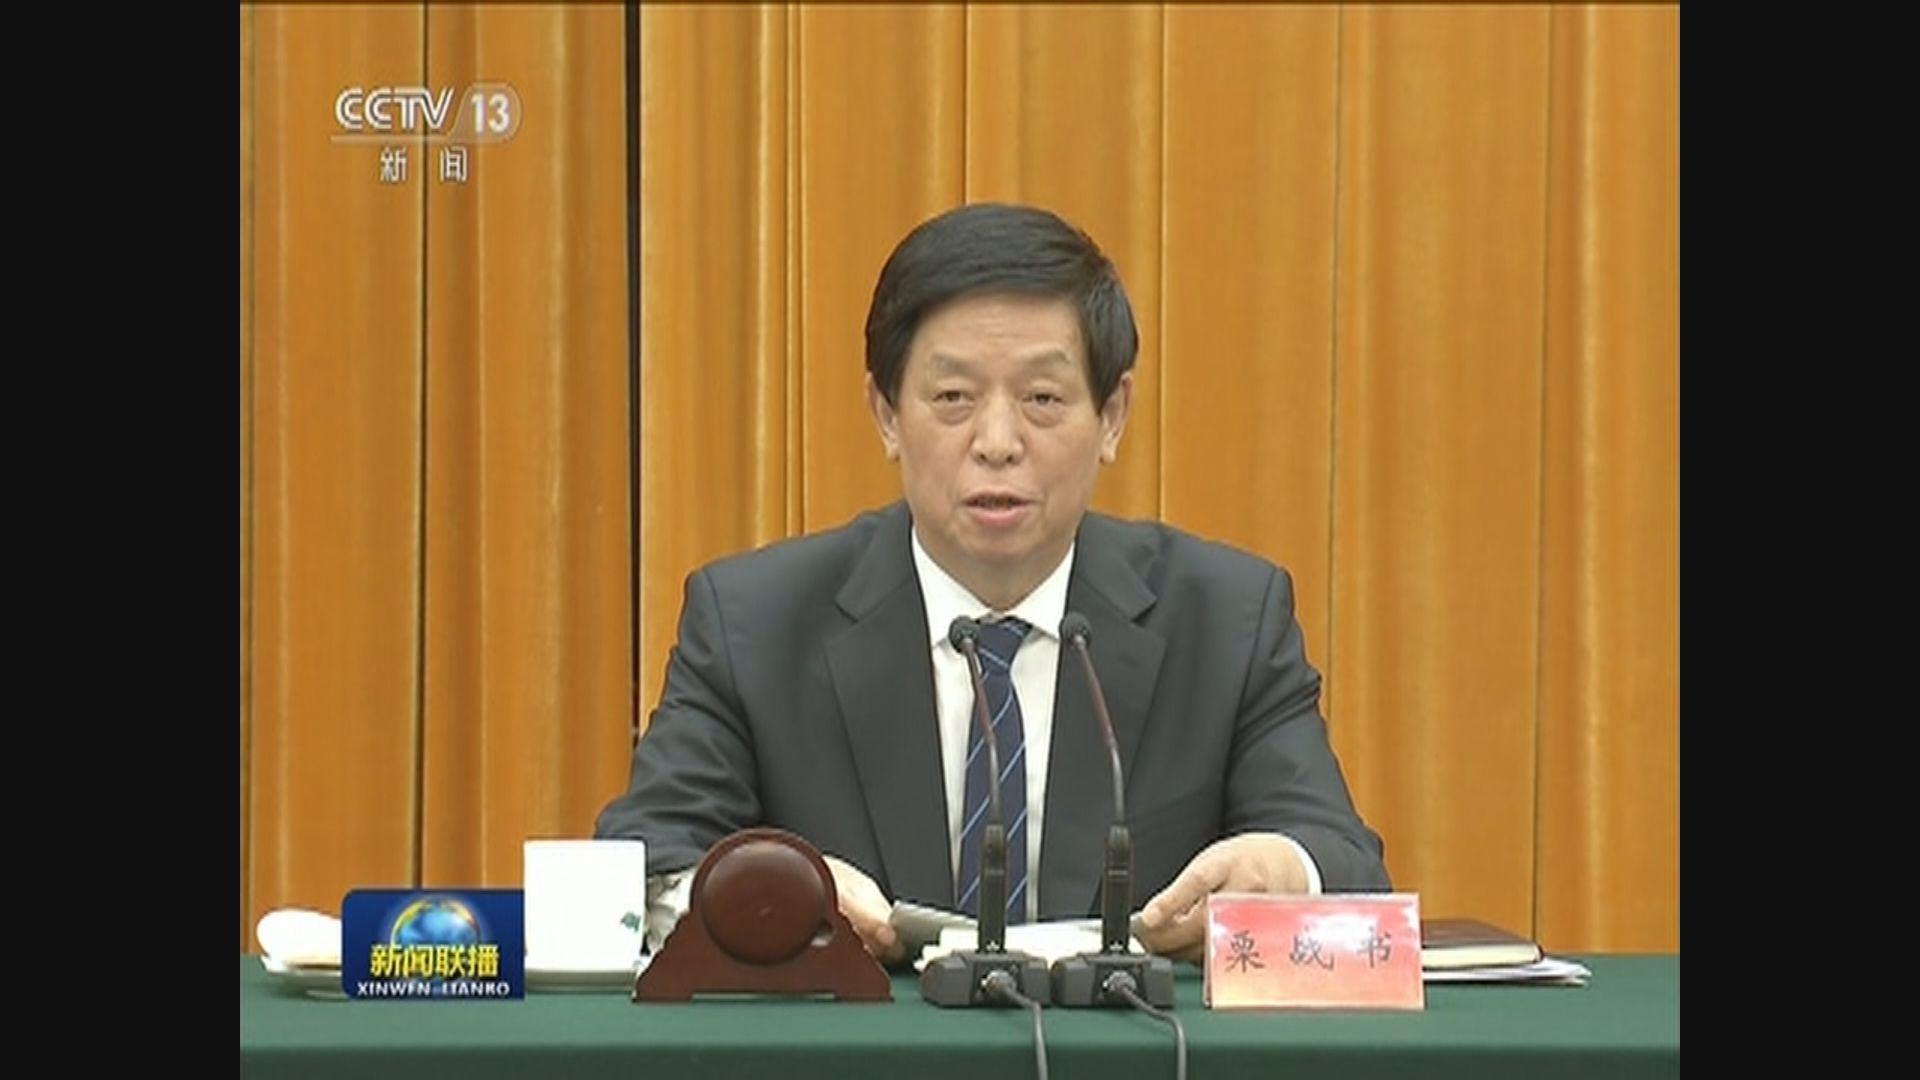 栗戰書:台獨勢力借香港事態歪曲污蔑一國兩制